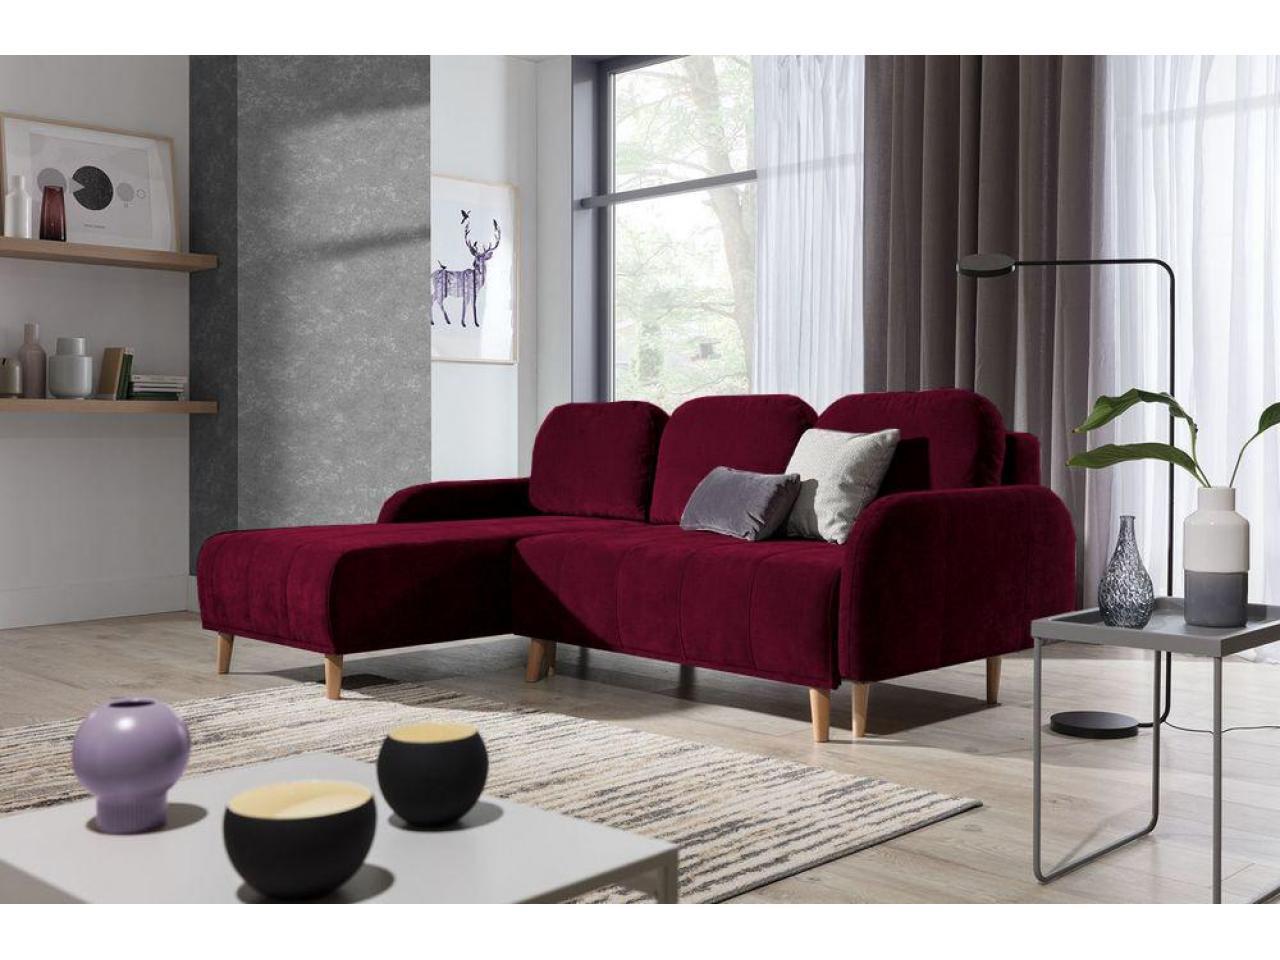 Furnipol-Польская мебель для дома с доставкой - 3